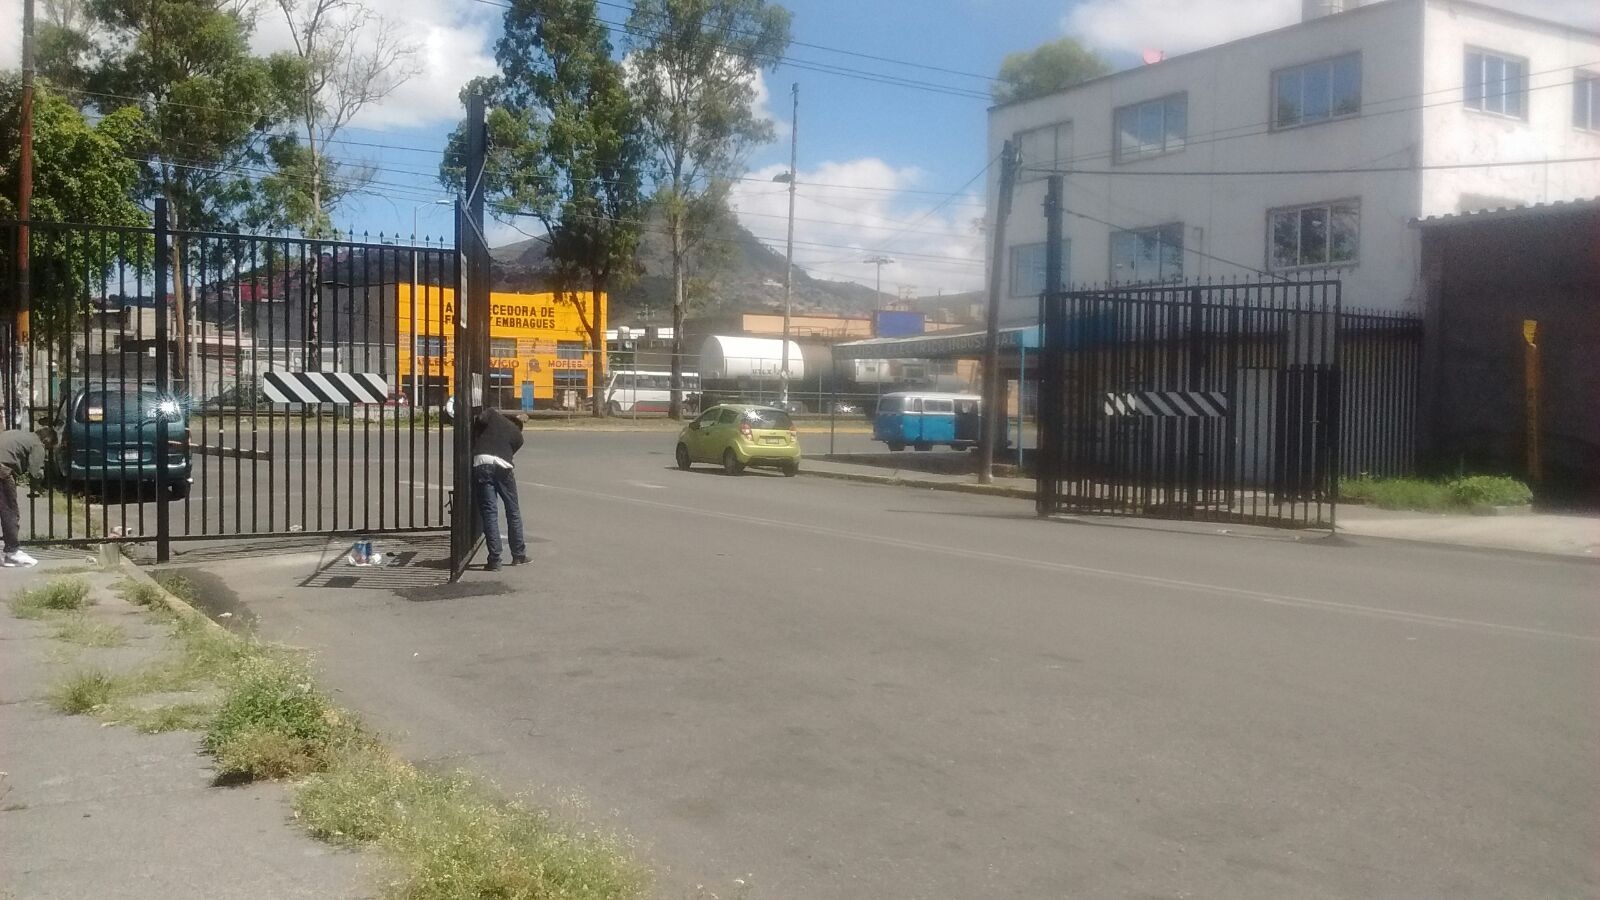 Vecinos Y Comerciantes De Industrial Xalostoc Rechazan  # Muebles Paquita Santa Cruz De La Zarza